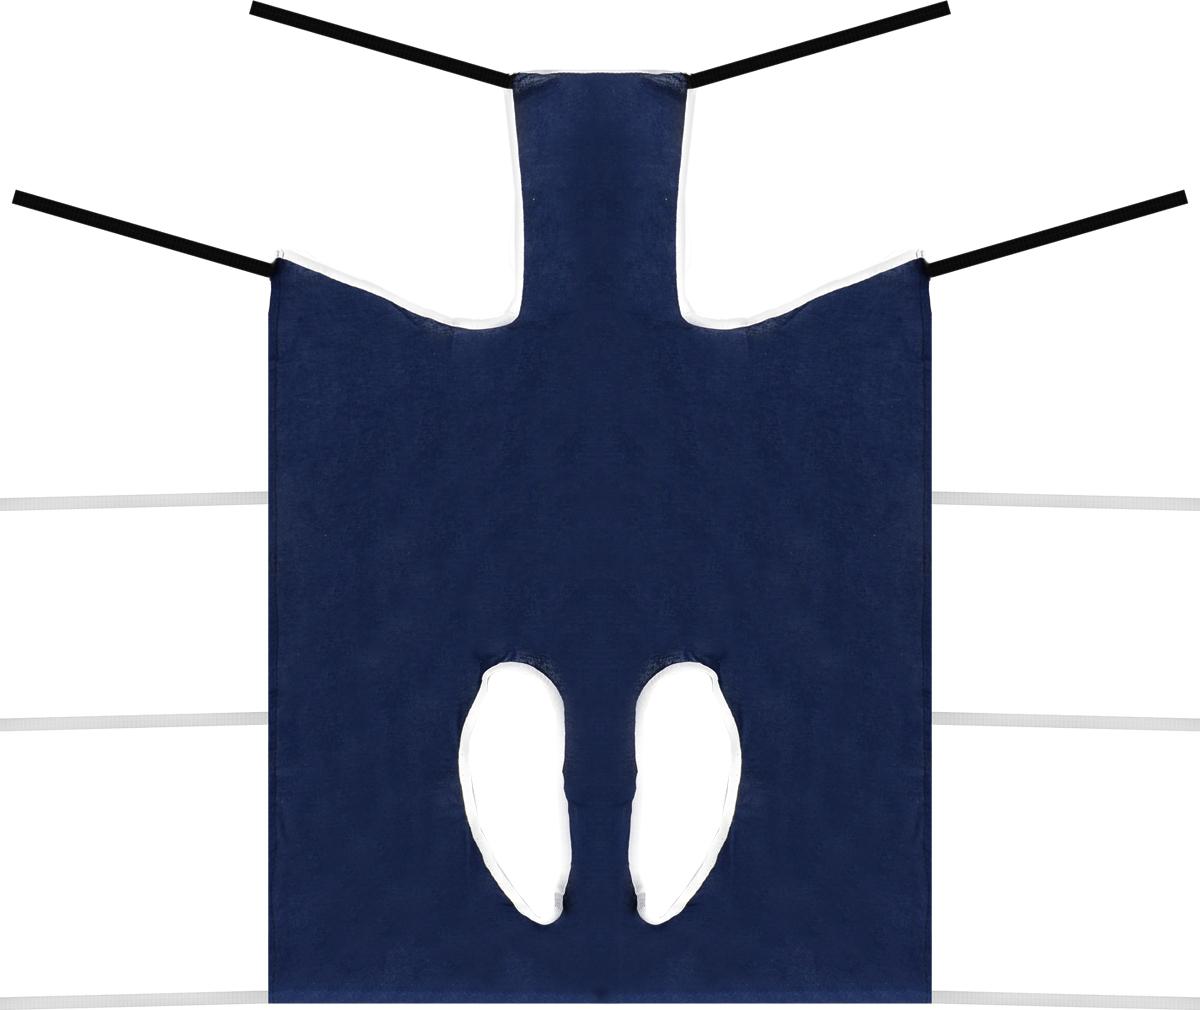 Попона послеоперационная Collar, цвет: темно-синий, белый. Размер 467762Послеоперационная попона для собак Collar выполнена из высококачественного текстиля, благодаря чему хорошо вентилируется. Применяется при перевязке животных. Один слой плотной ткани помогает достичь надежной изоляции раны. Закрепляется при помощи завязок. Обхват груди: 65-95 см. Длина по спинке: 71 см.